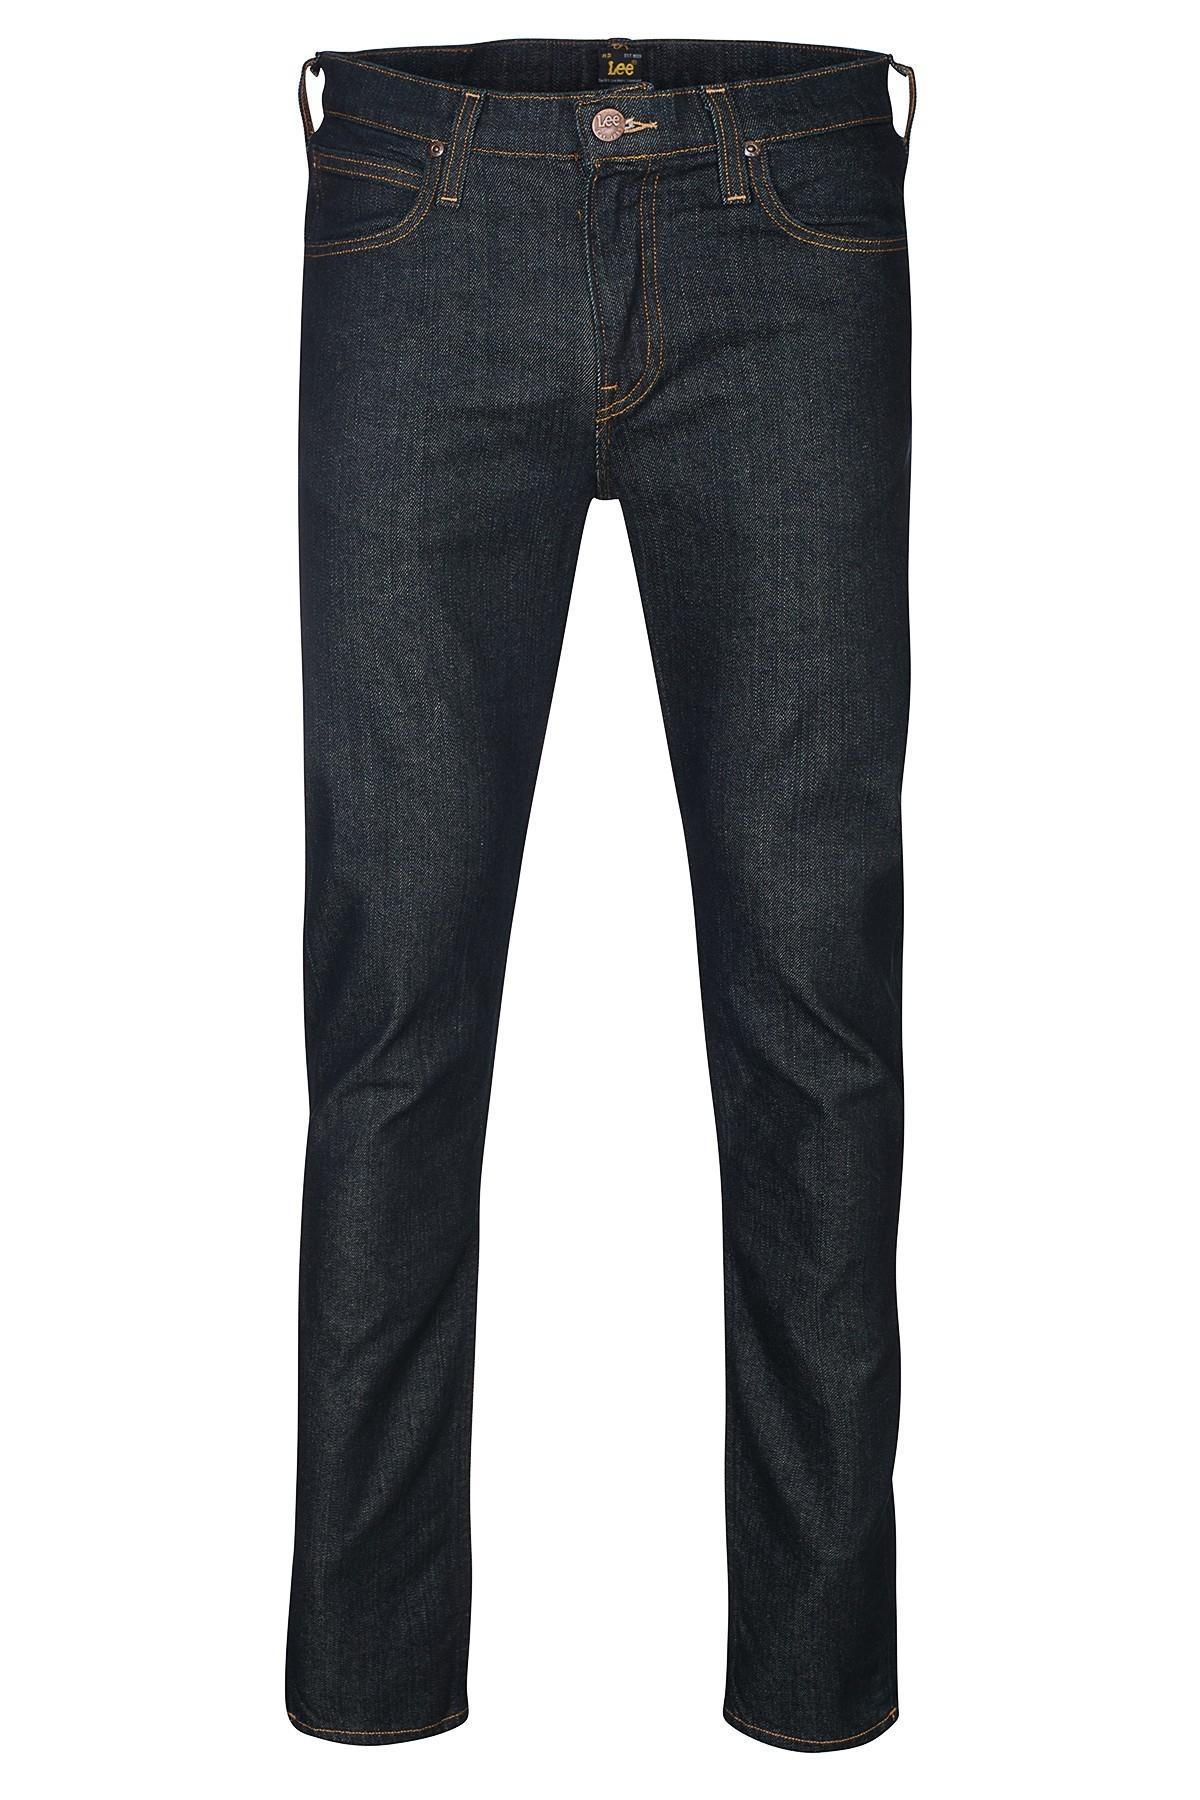 Lee Arvin Regular Tapered Jeans für 19,99€ bei Outlet46